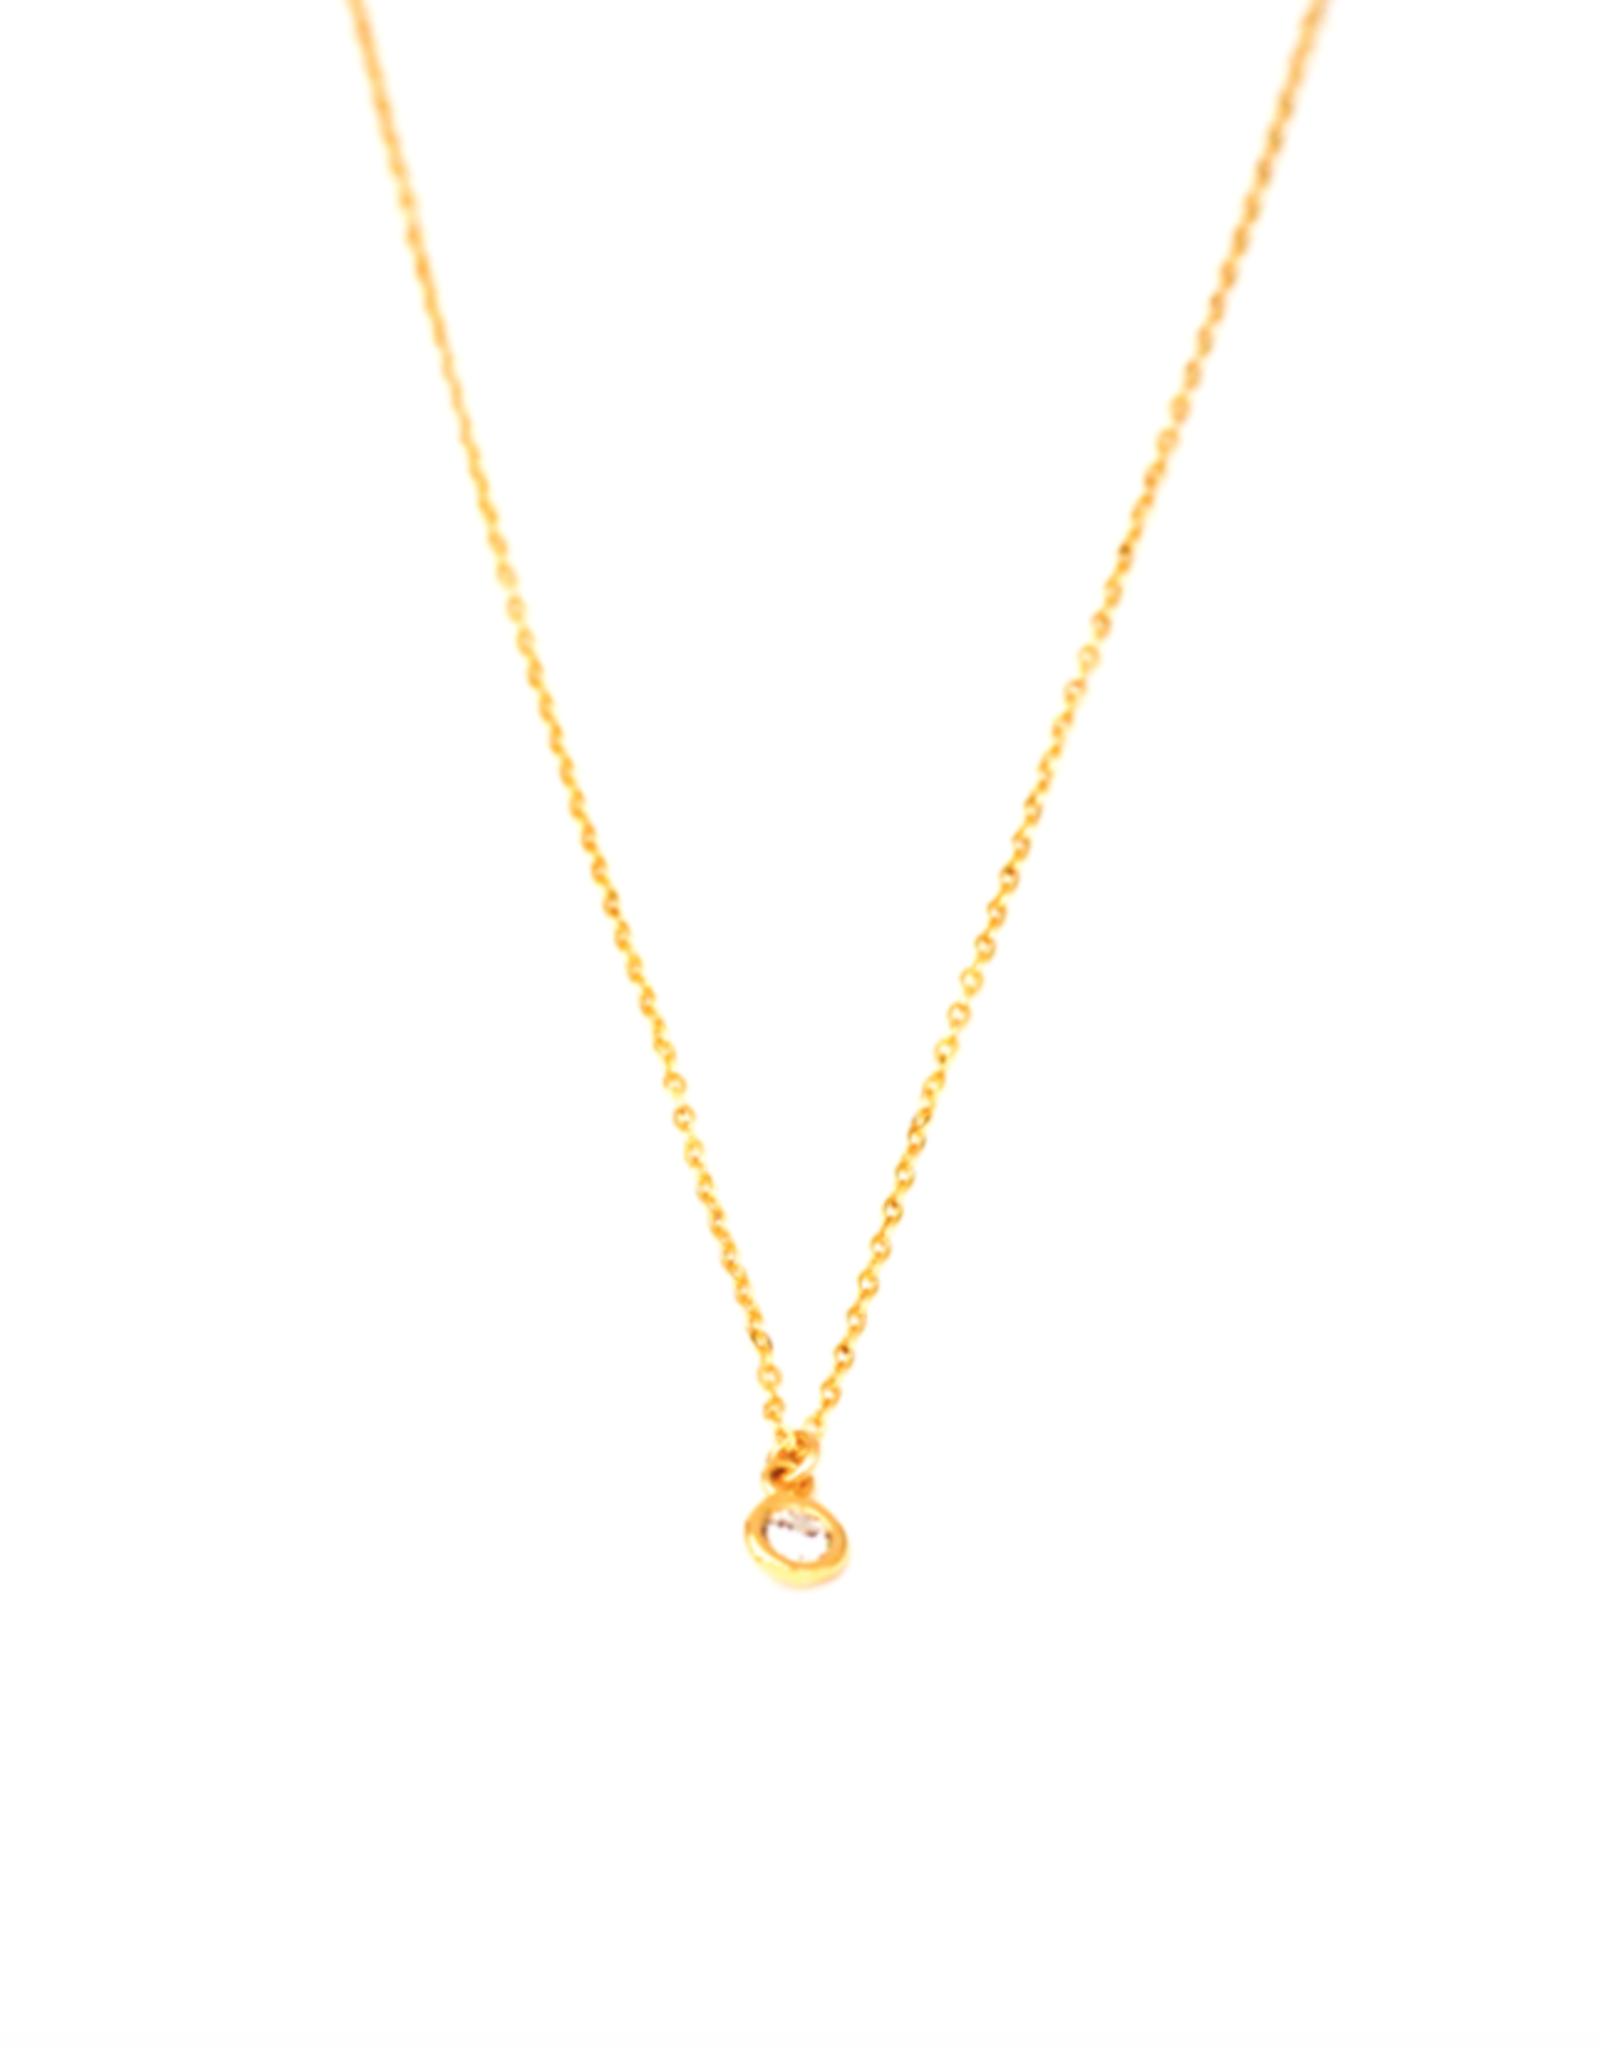 Petite CZ Necklace